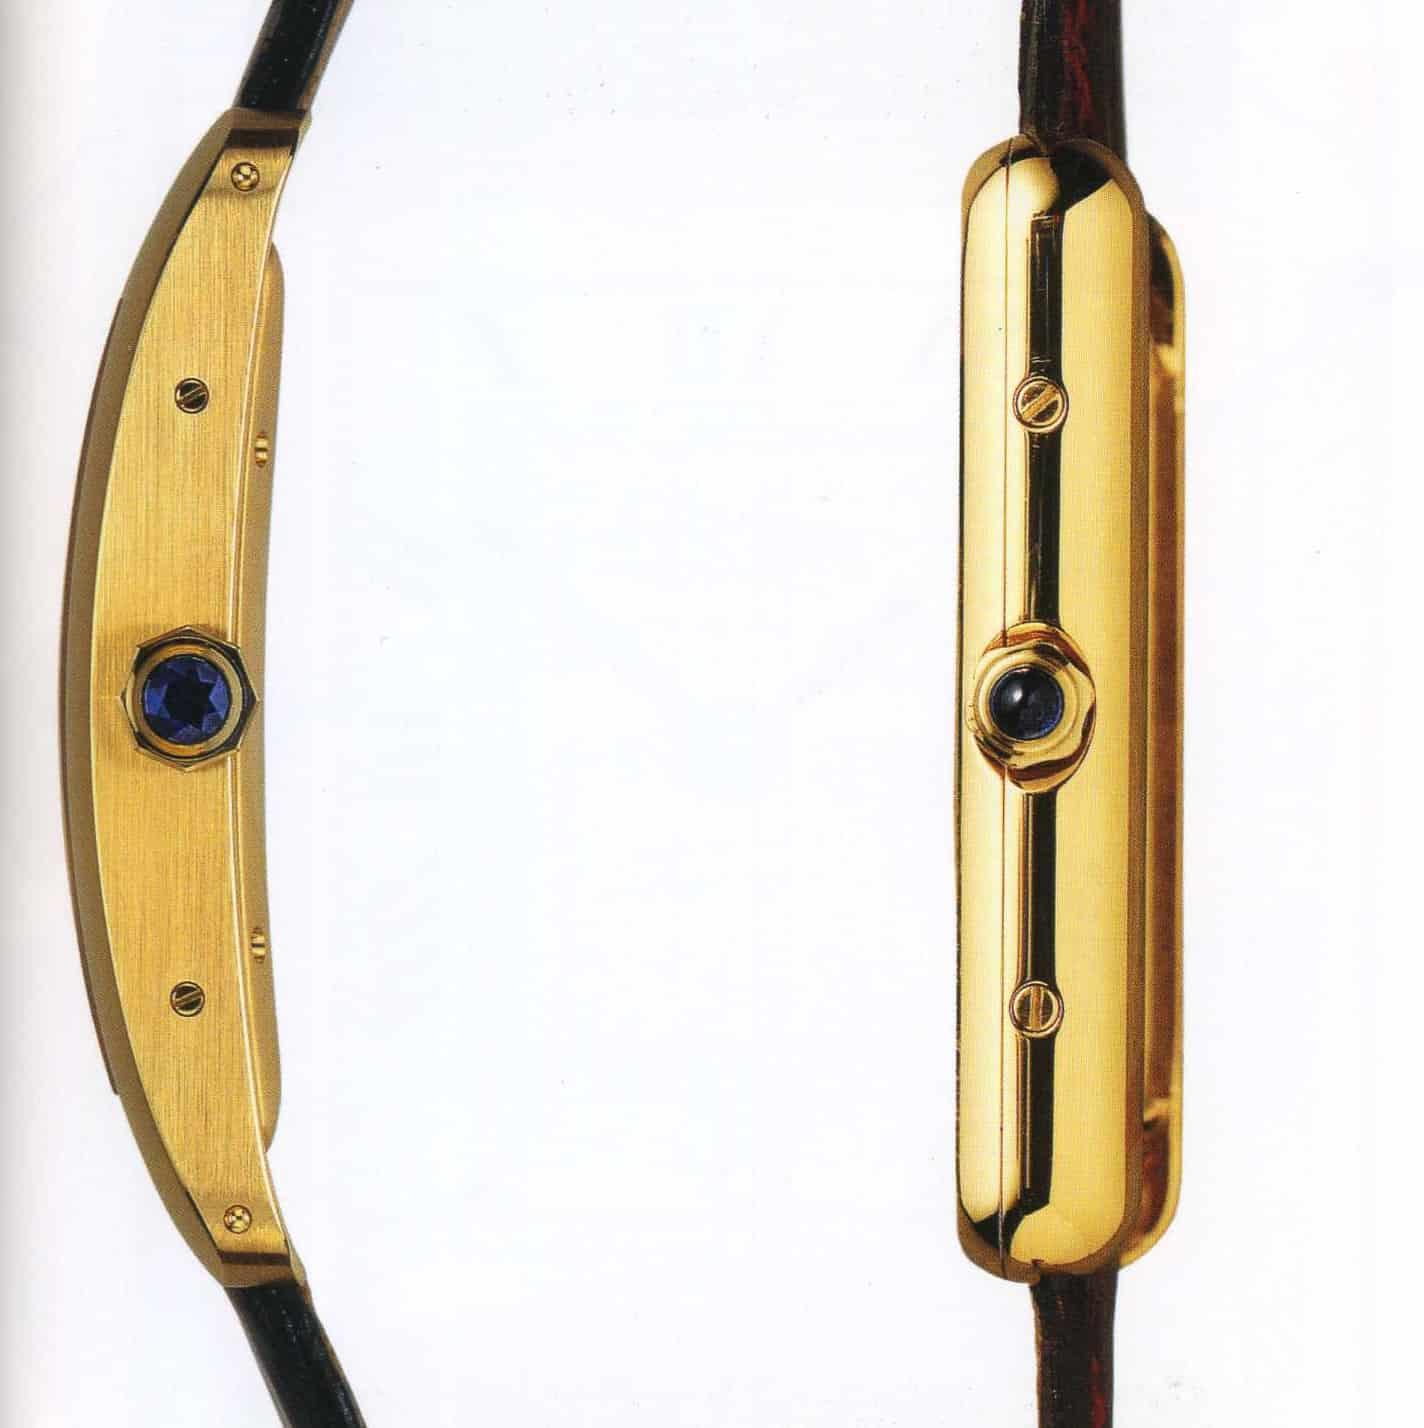 Im Vergleich - die Cartier Tank Americaine & Cartier Tank Louis Cartier im Profil